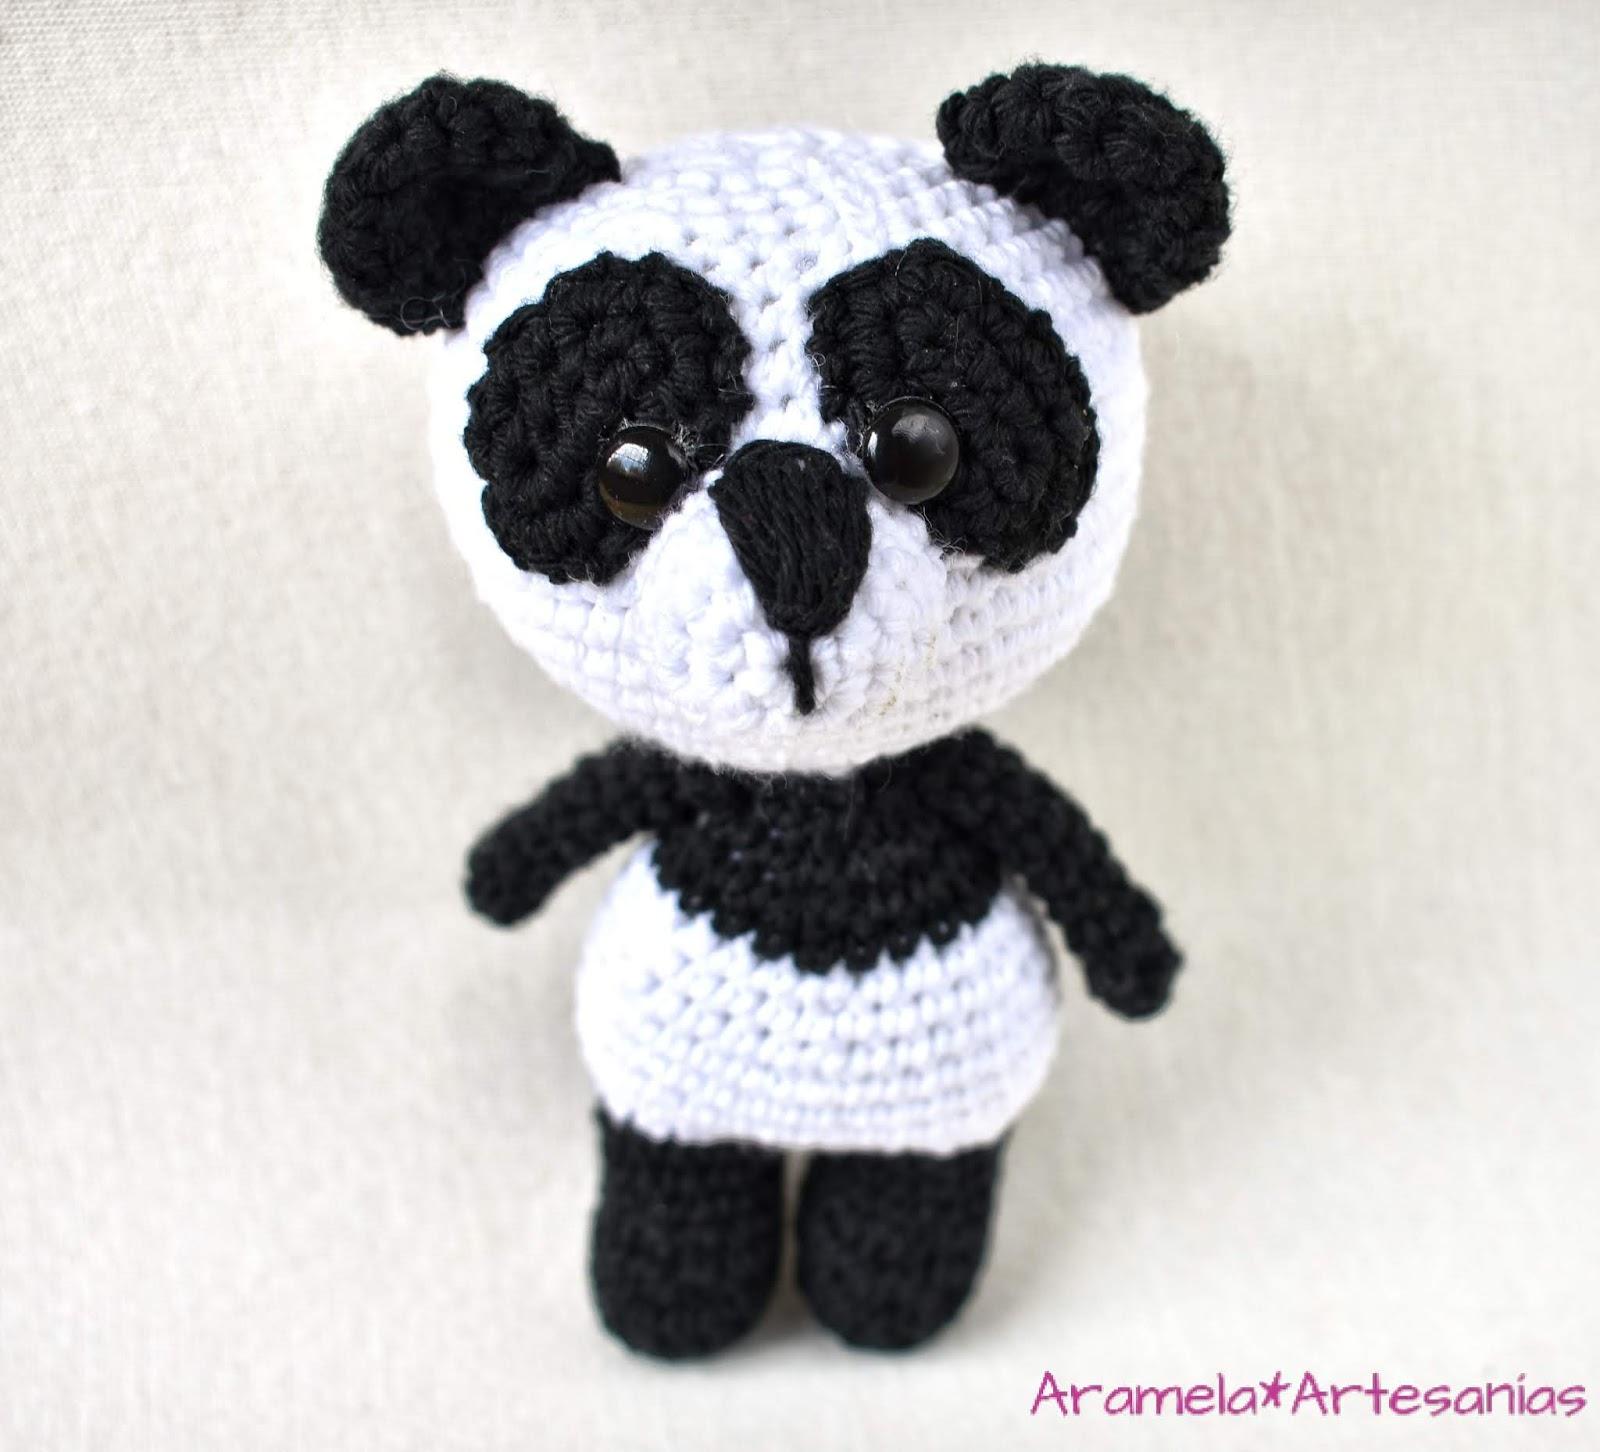 Oso Panda Amigurumi - Patrón Gratis en Español - Formato en PDF ... | 1452x1600